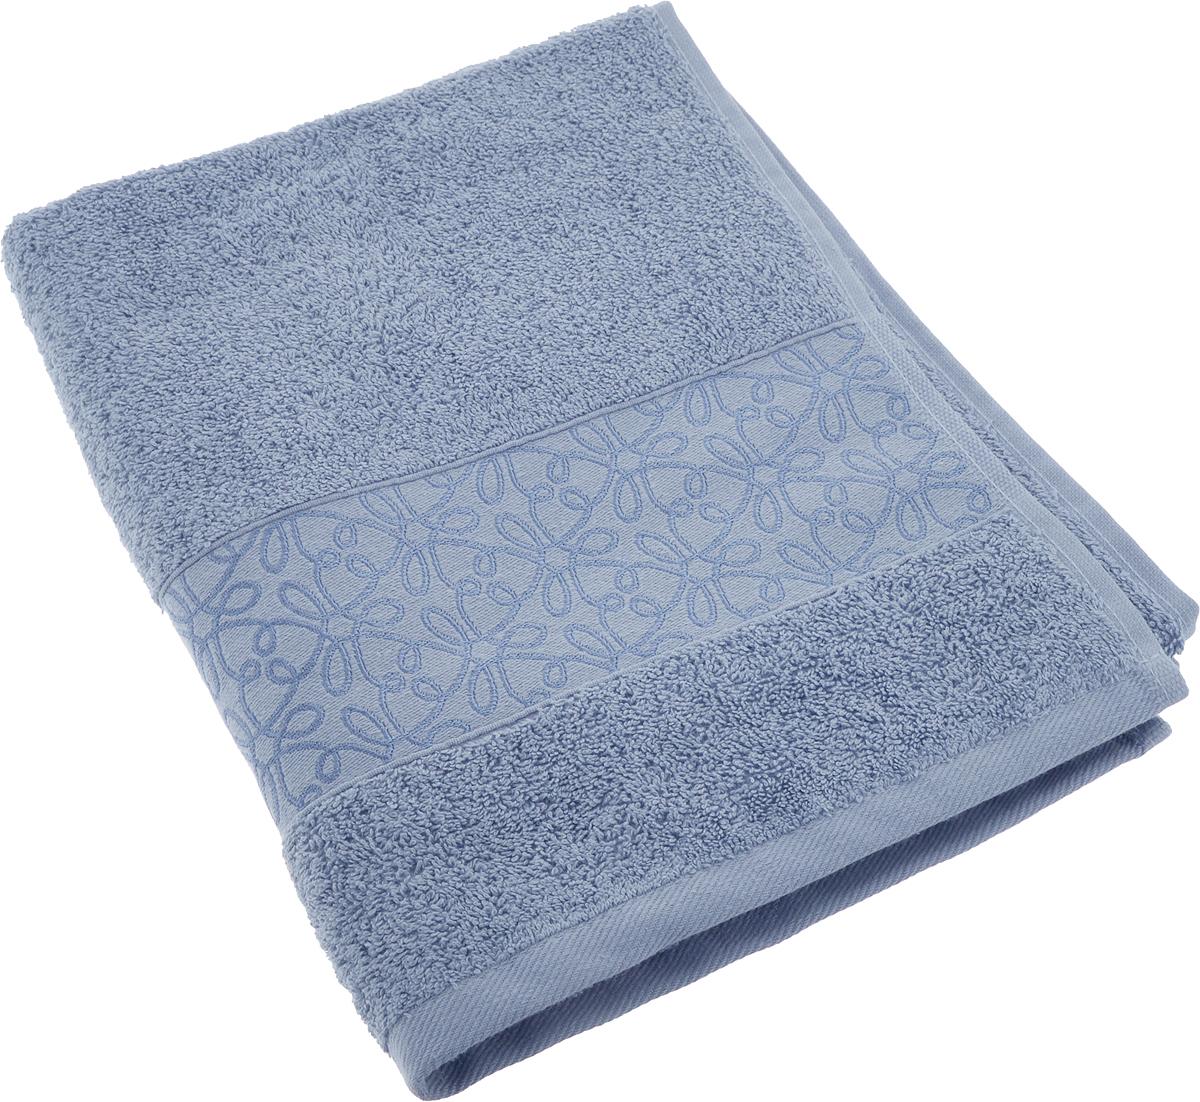 Полотенце махровое Issimo Home Perin, цвет: синий, 50 х 90 см00000005499Прекрасное полотенце Issimo Home Perin выполнено из натуральной махровой ткани (100% хлопок). Изделие отлично впитывает влагу, быстро сохнет и не теряет форму даже после многократных стирок.Рекомендации по уходу:- режим стирки при 40°C,- допускается обычная химчистка,- отбеливание запрещено,- глажка при температуре подошвы утюга до 110°С,- барабанный отжим запрещен.Размер полотенца: 50 x 90 см.